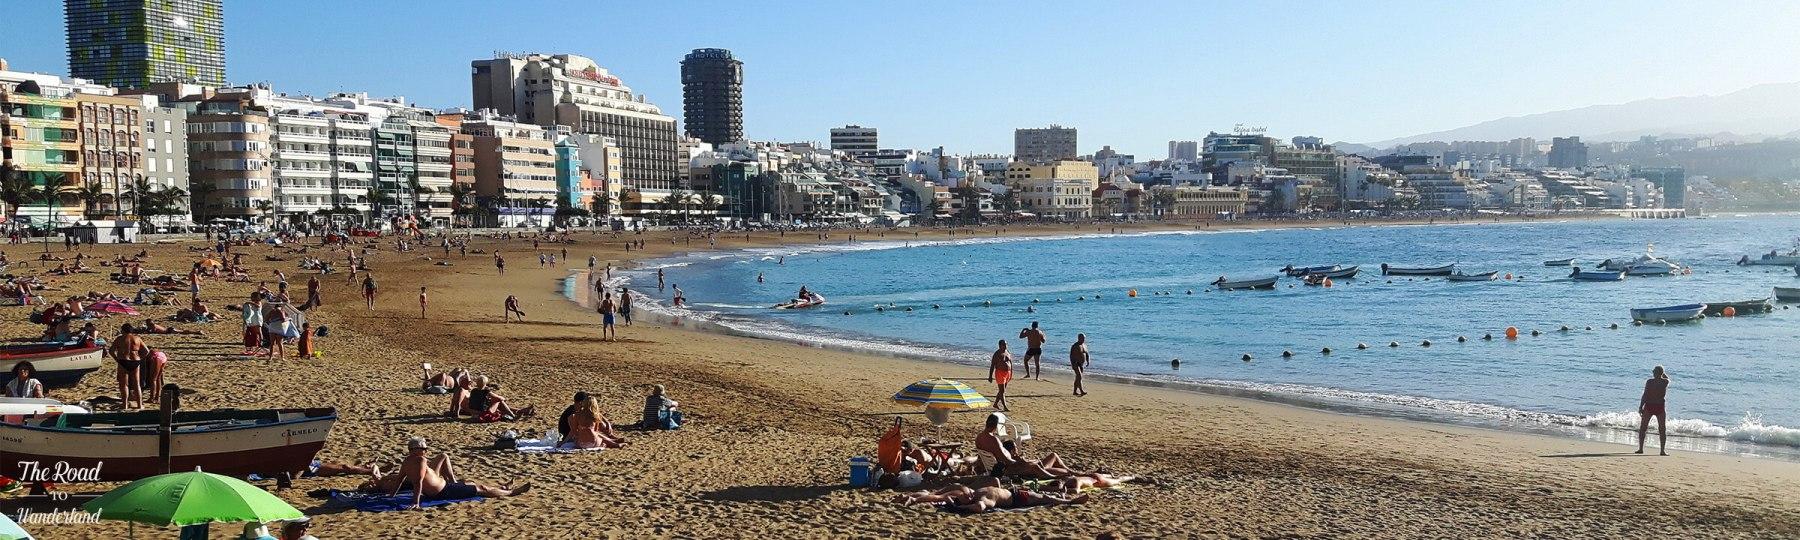 Goals for 2016 header: Las Canteras Beach, Las Palmas